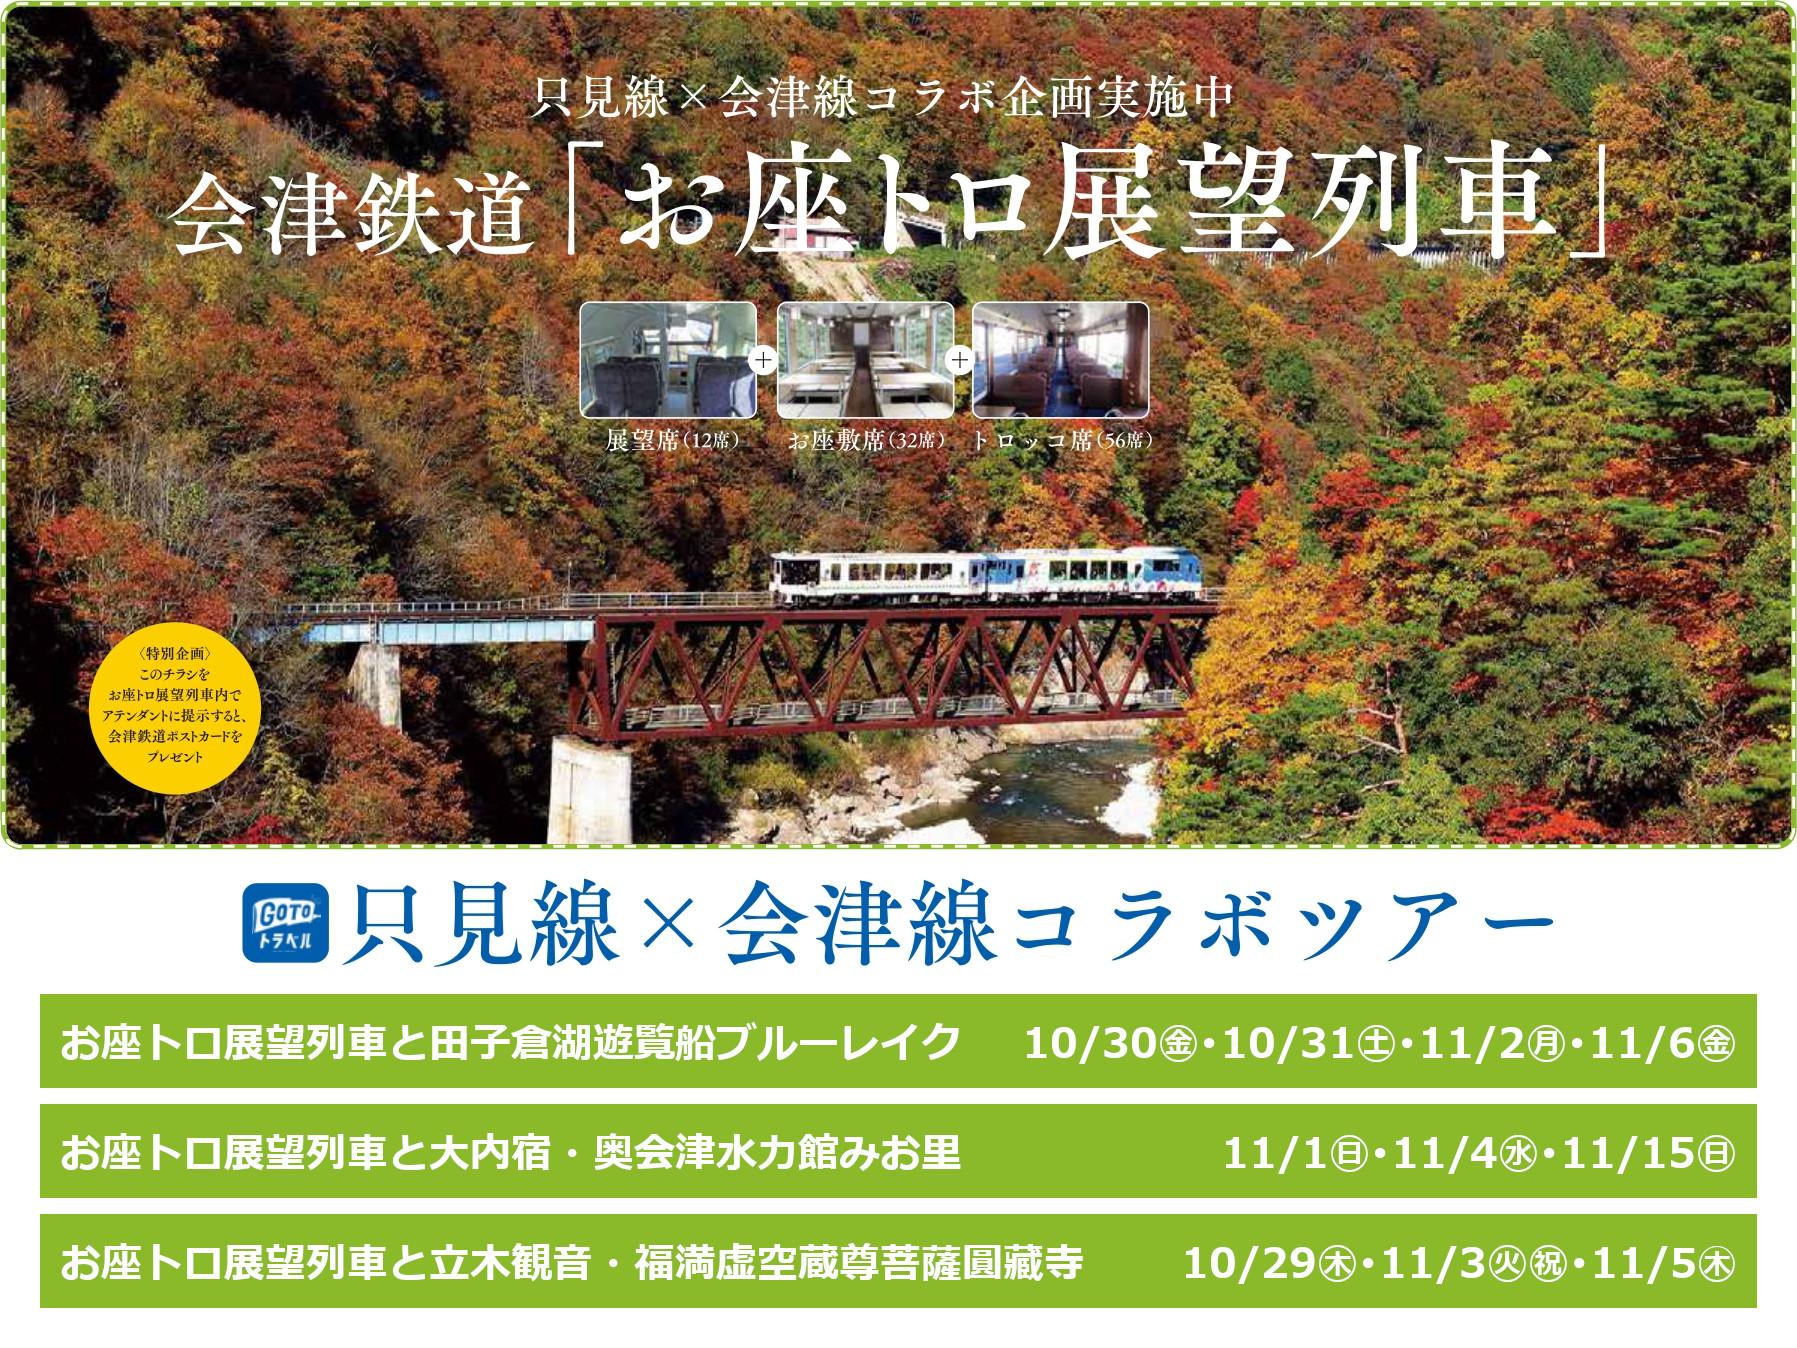 会津鉄道 只見線